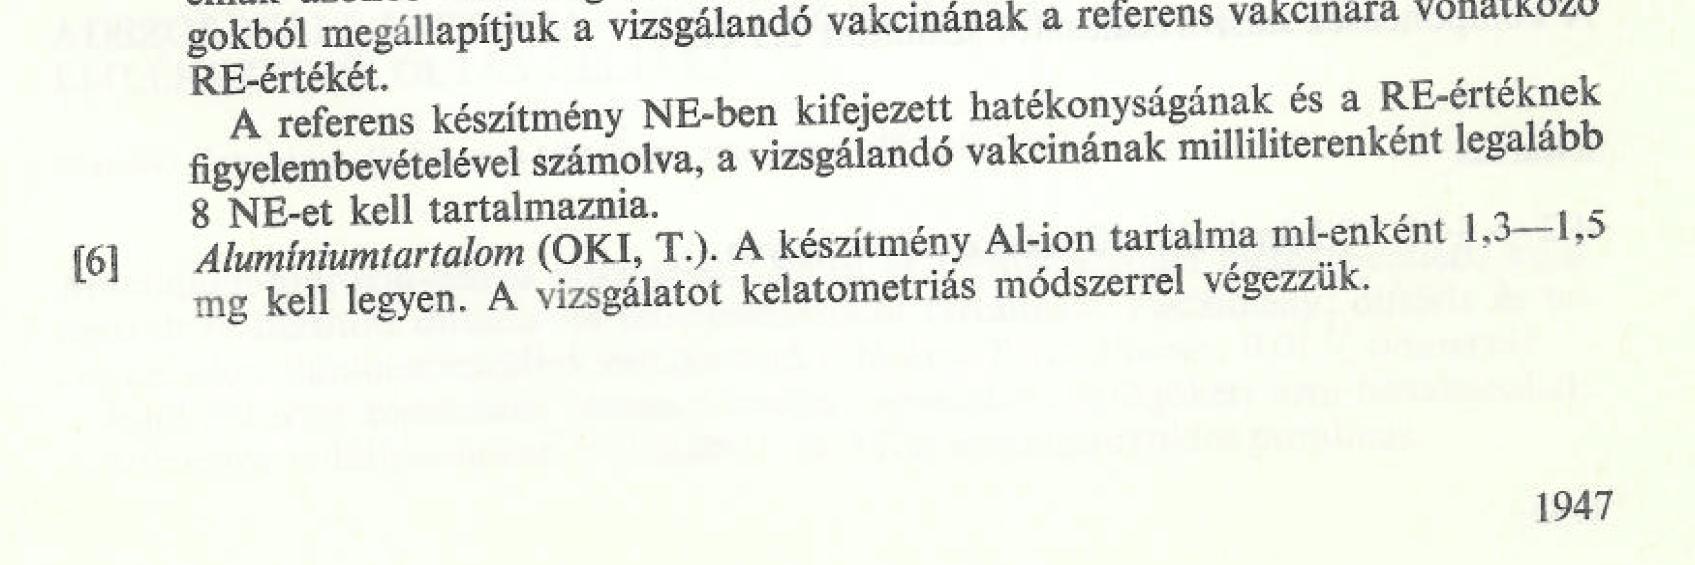 mgyk_1986_4.png